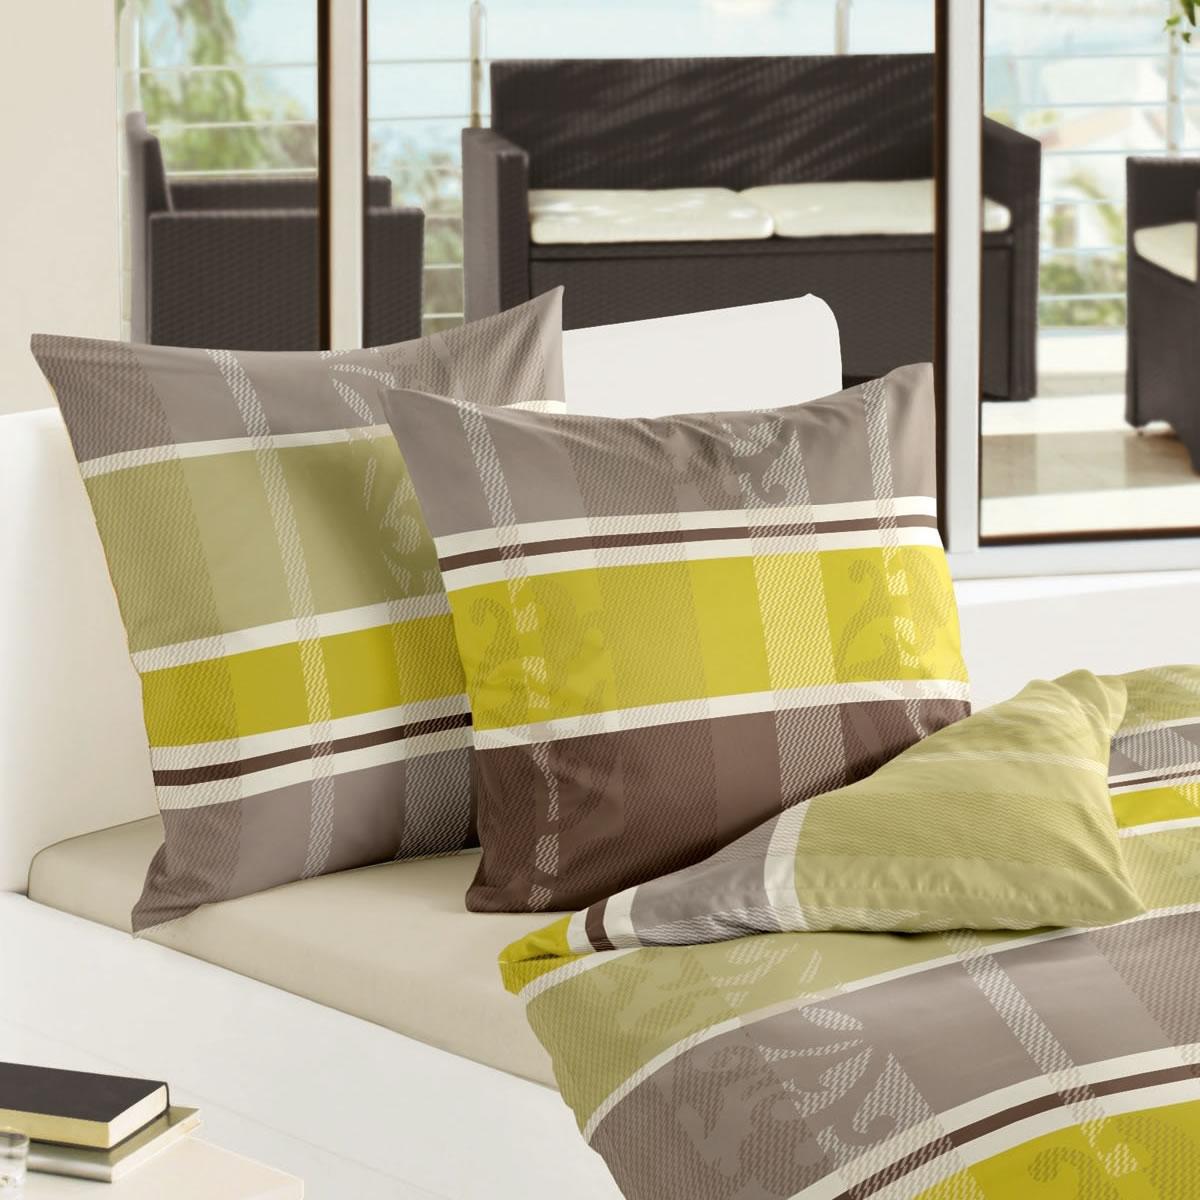 bierbaum biber bettw sche 200x200 cm design 64917 limone gestreift. Black Bedroom Furniture Sets. Home Design Ideas